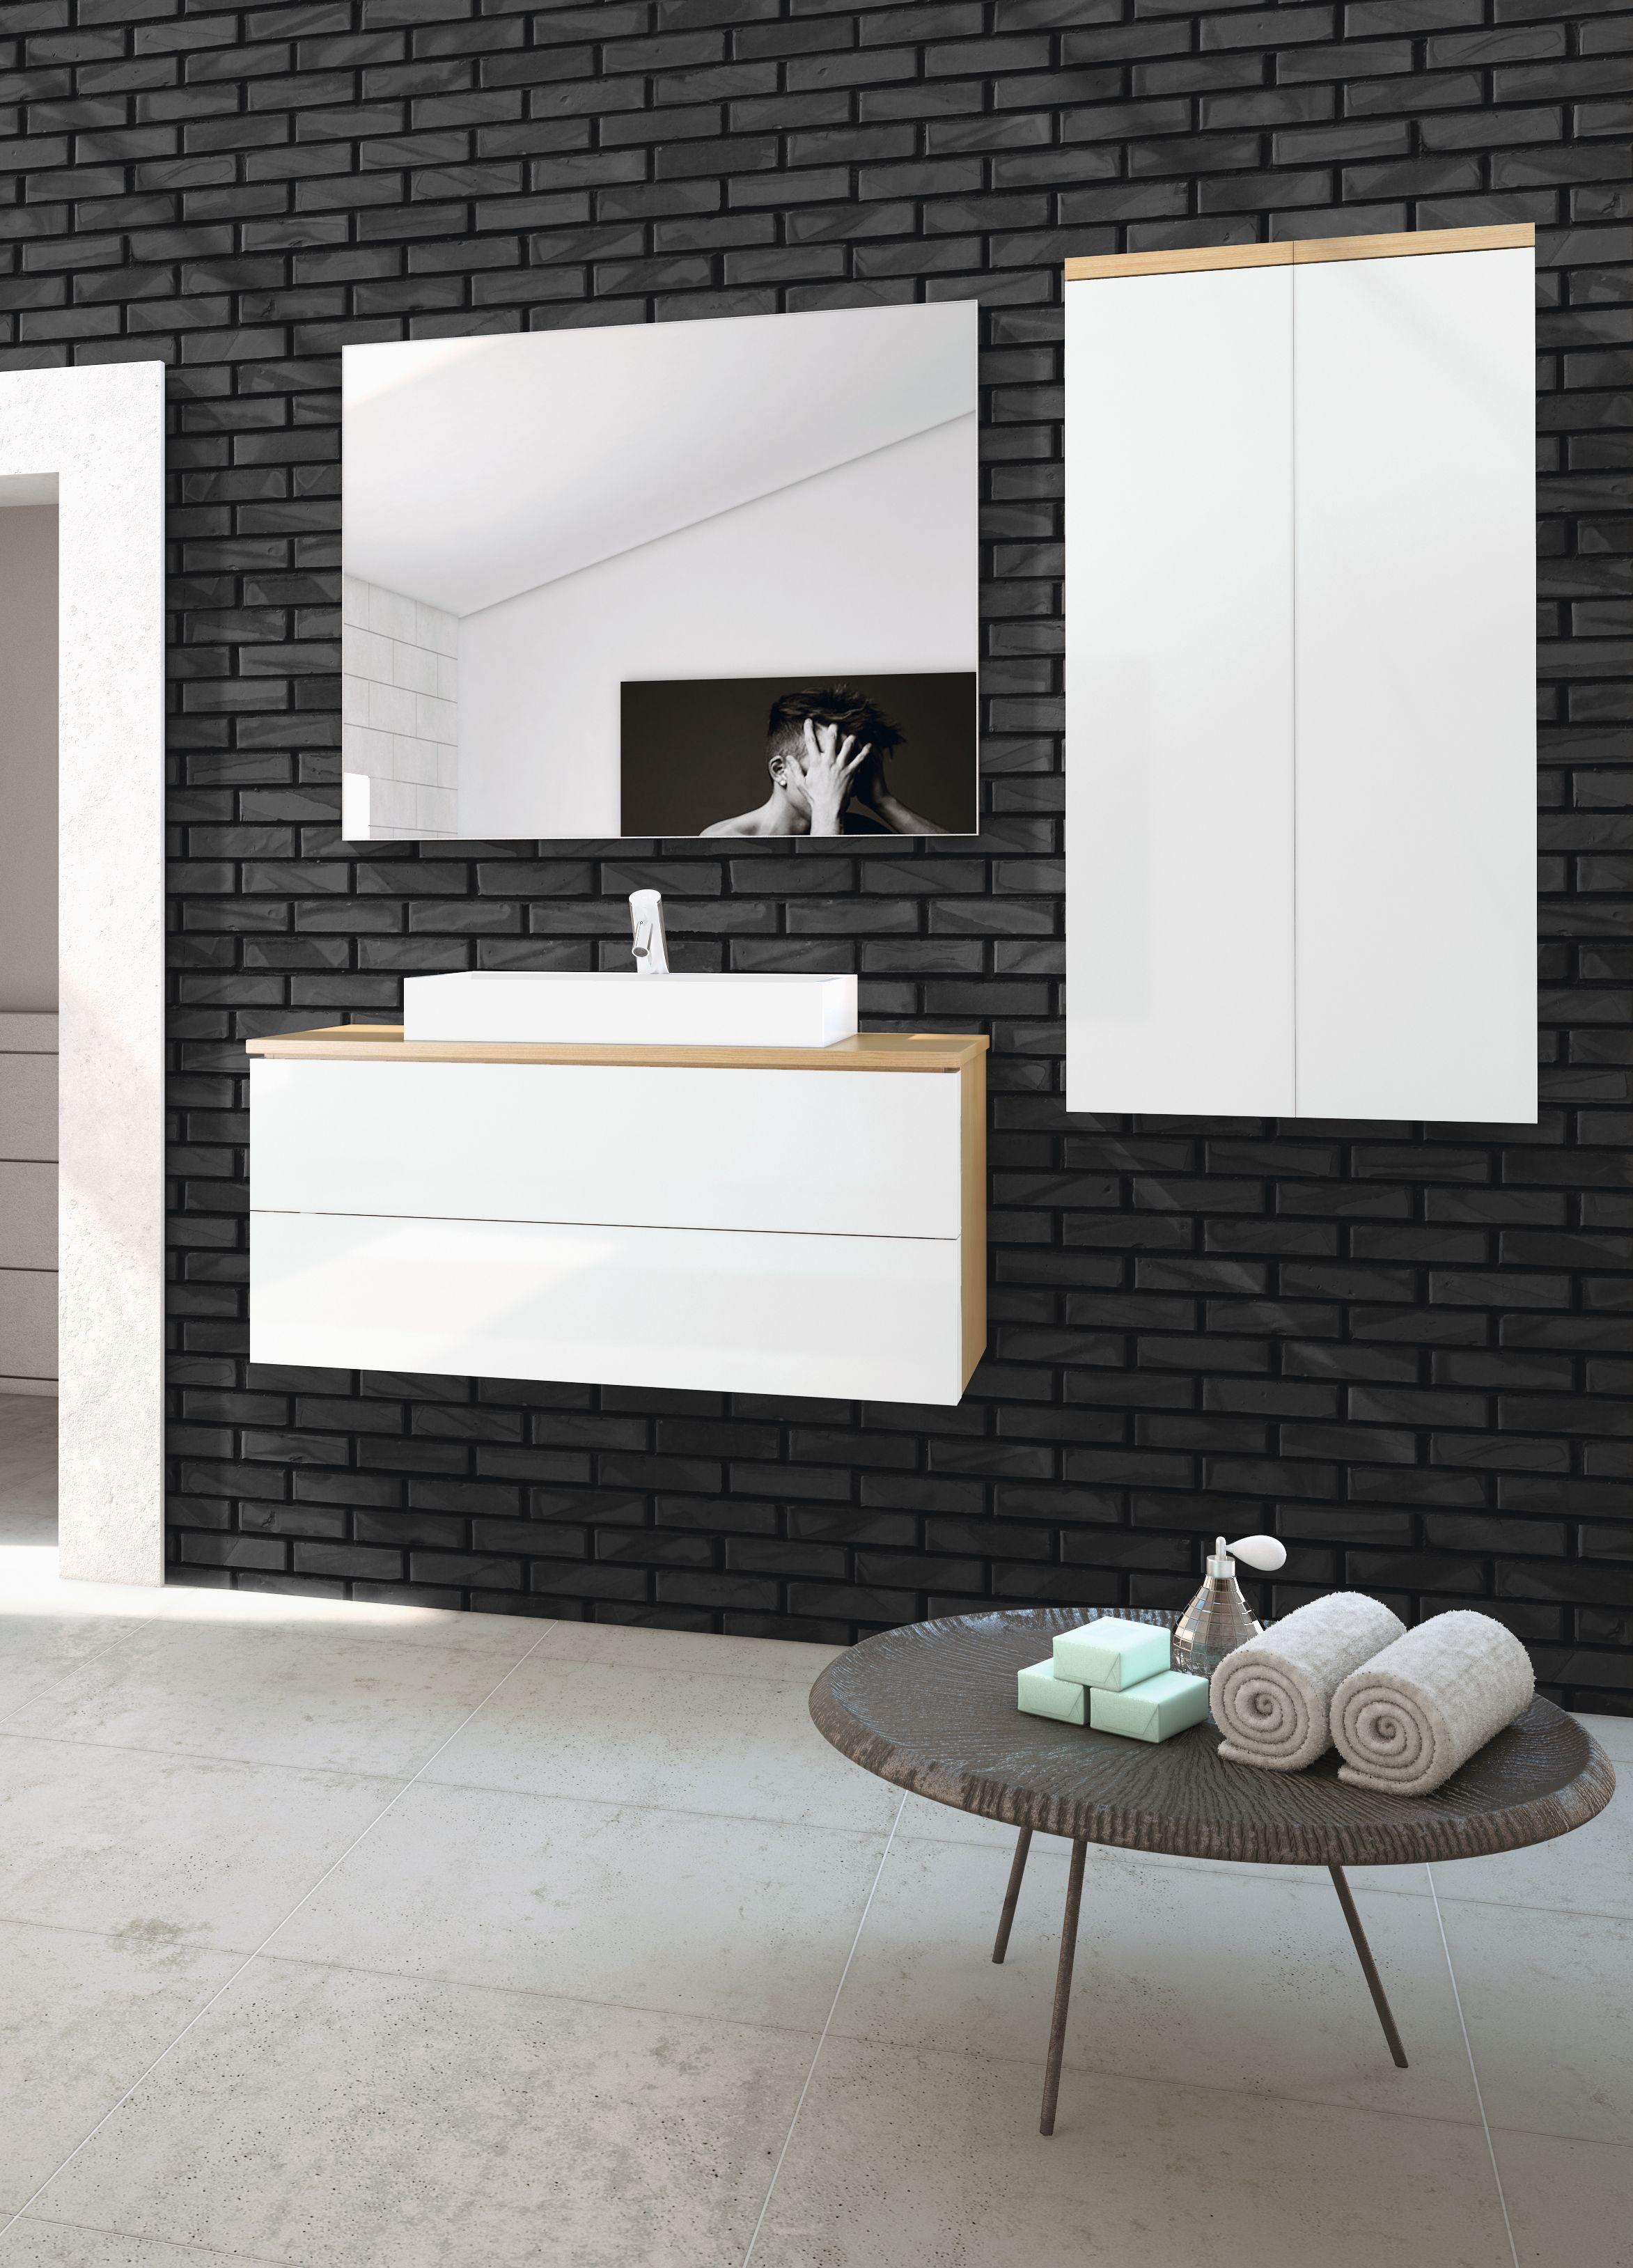 Norbanho by Italbox Bathroom furniture and storage. Mobiliário para casa de banho e arrumação. Mais aqui: www.norbanho.pt #norbanho #italbox #bathfurniture #mobiliário #casadebanho